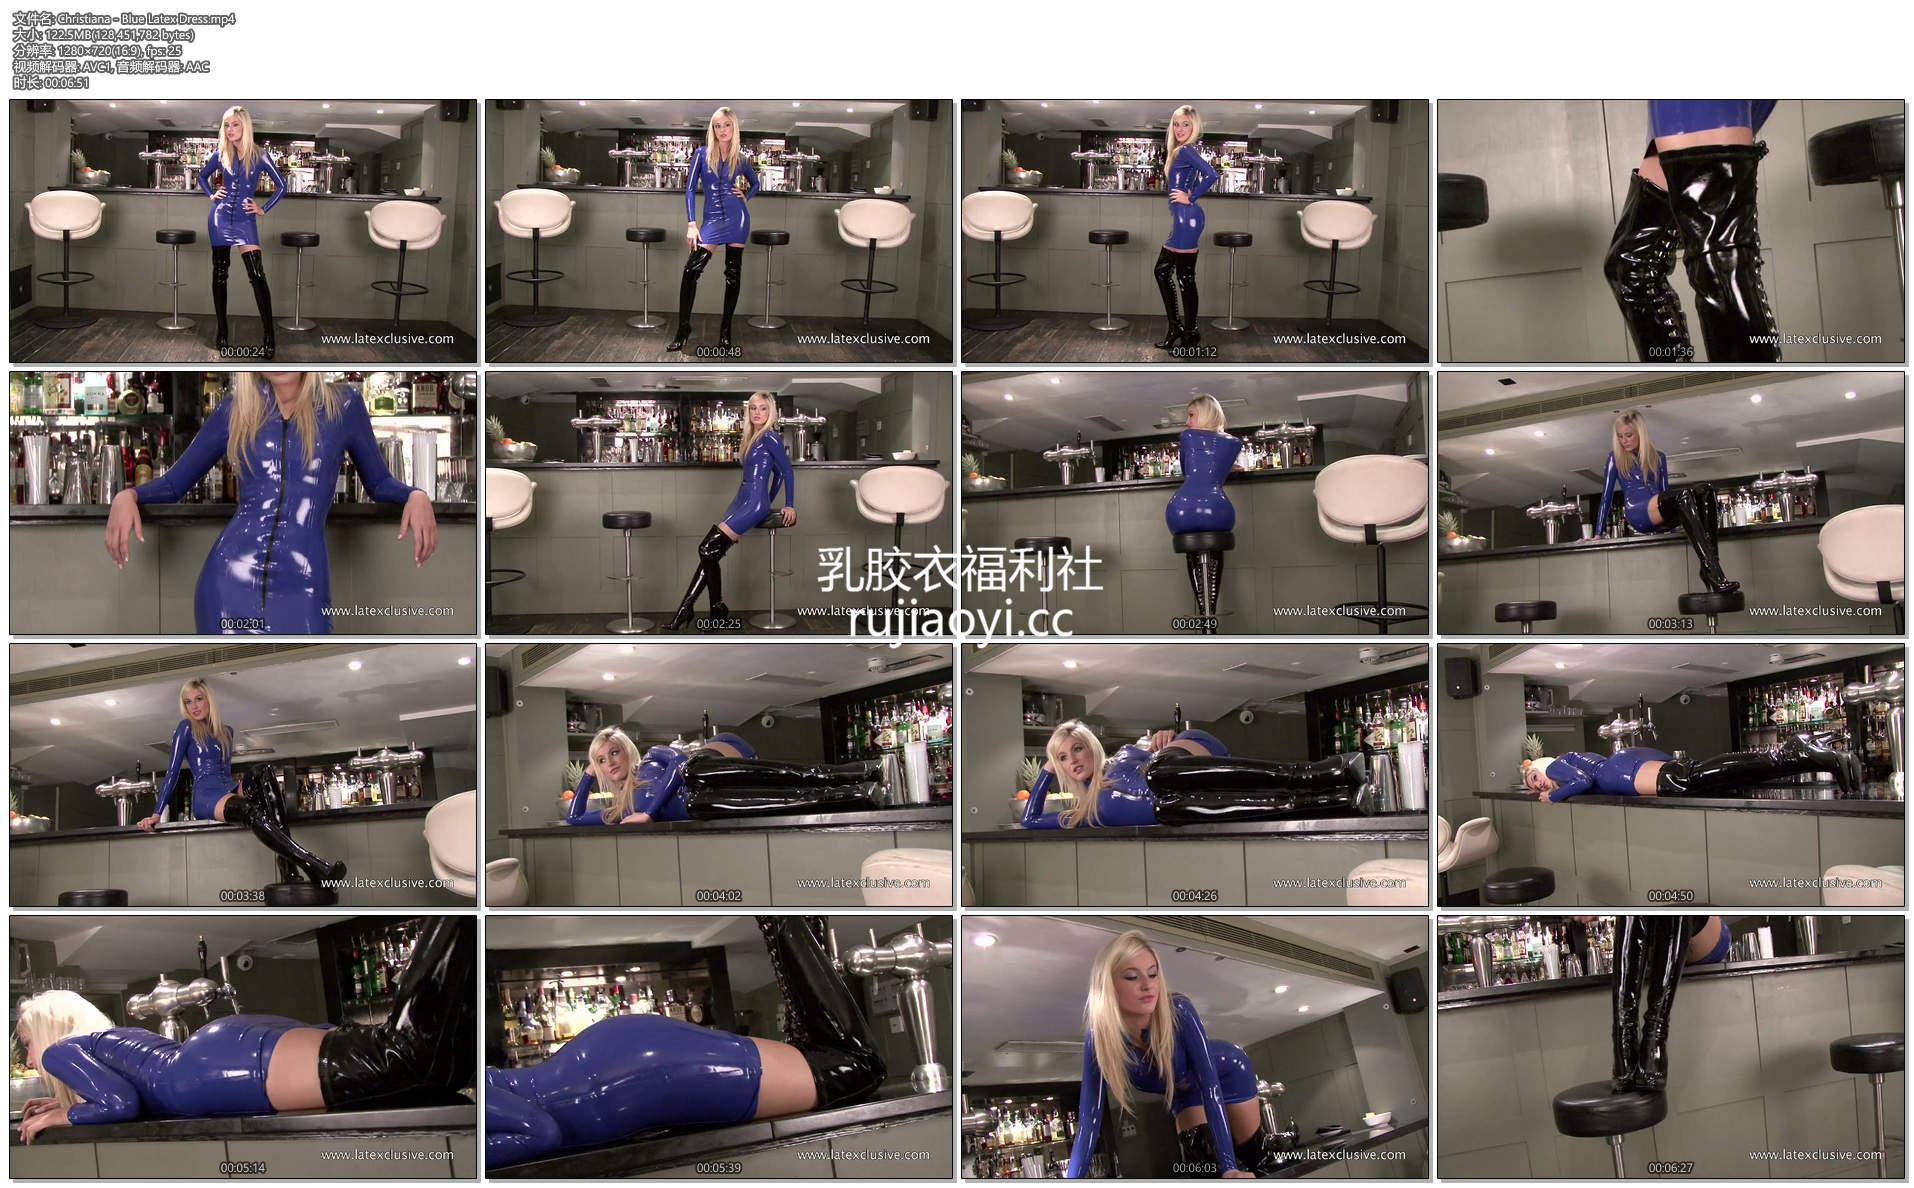 [永V专享-独家精品乳胶衣视频] 吧台乳胶短裙妩媚诱惑-720p高清视频 [1V/122M]